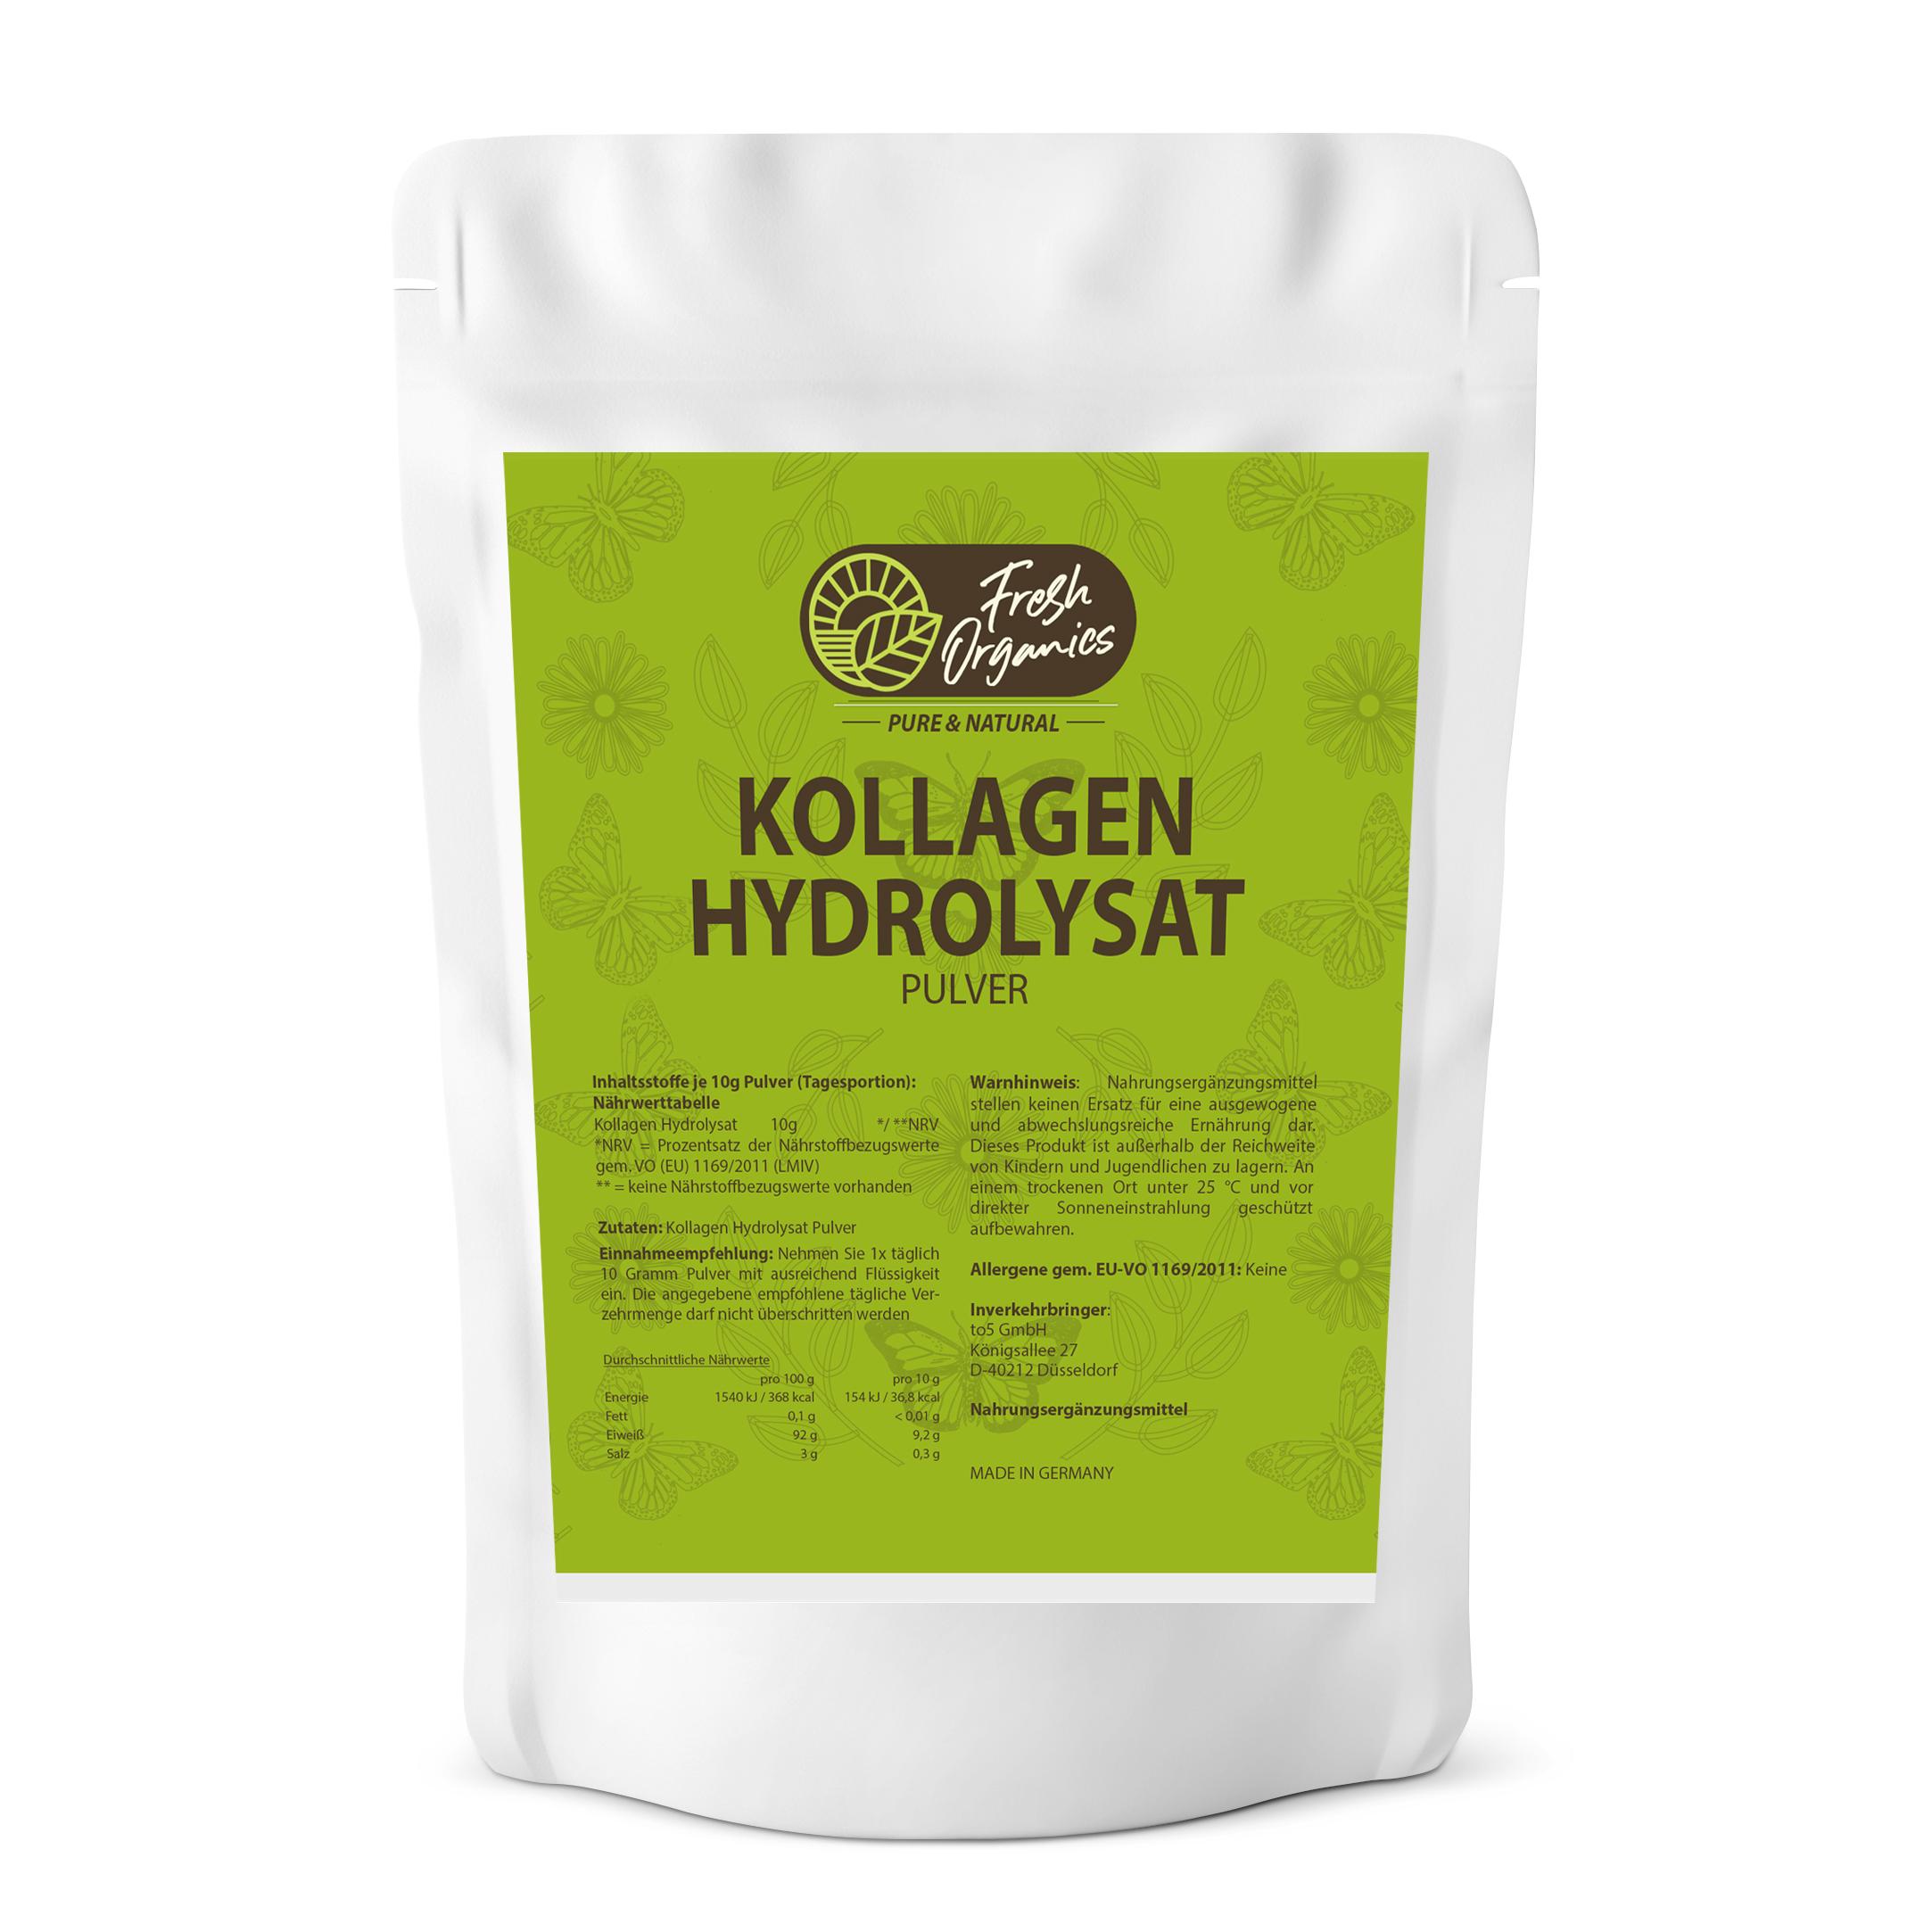 Kollagen Hydrolysat Pulver - hochwertiges, reines Pulver ohne Zusätze